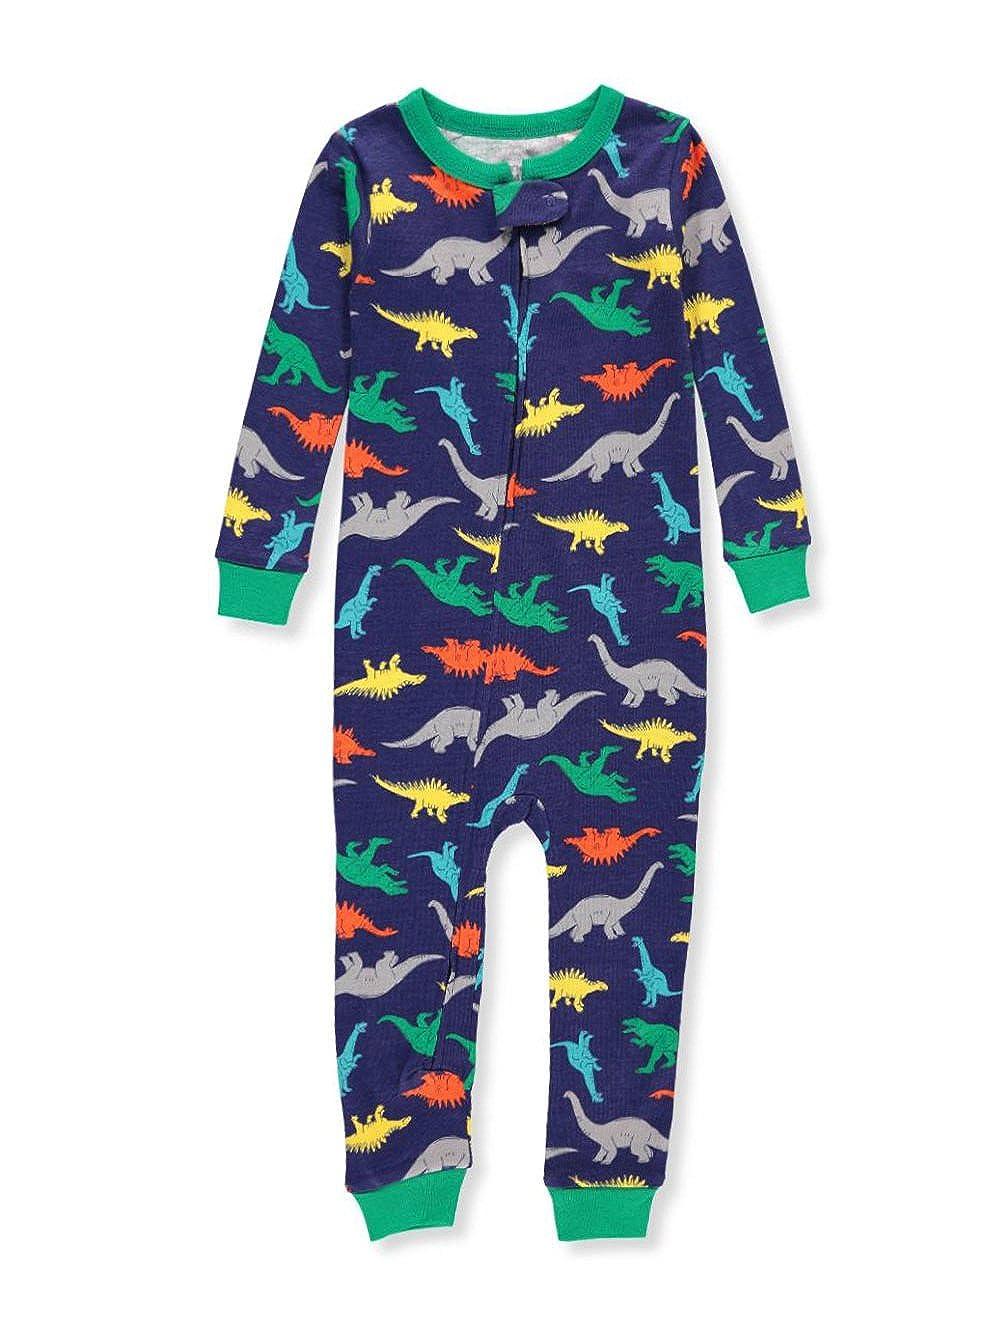 Carter's Baby Boys' 1-Piece Snug Fit Footless Cotton Pajamas Carter' s